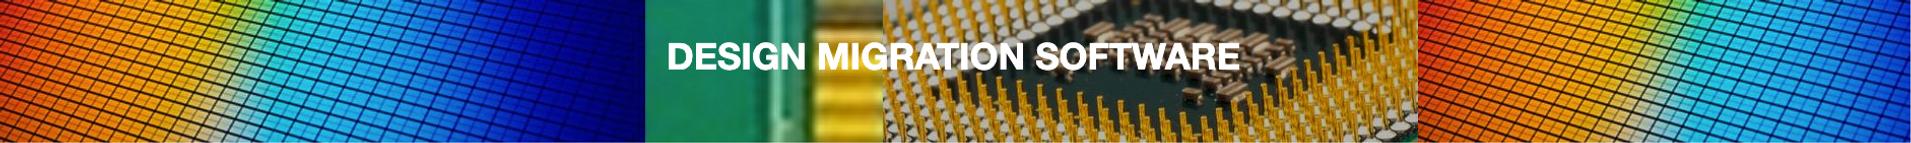 Design Migration